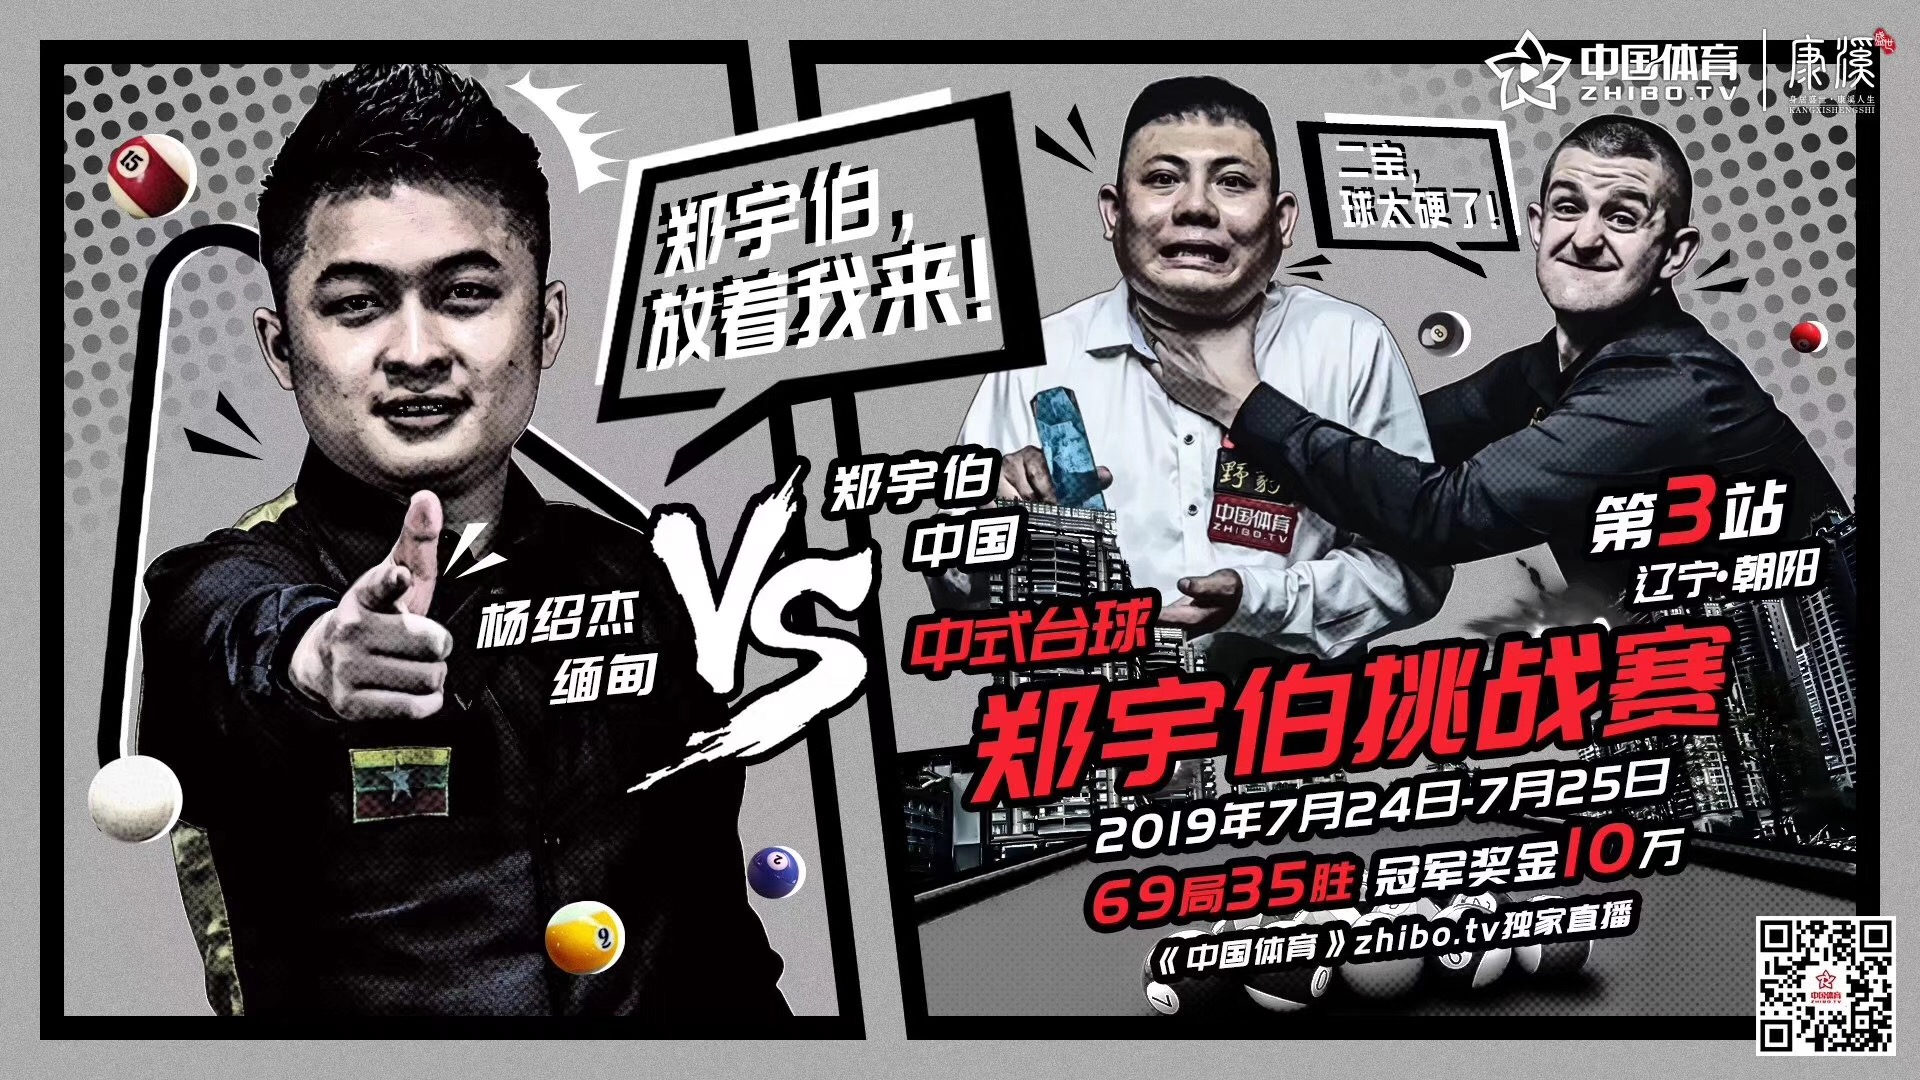 台球表一表挖坟篇 看看郑宇伯杨绍杰去年挑战赛的挑衅历史